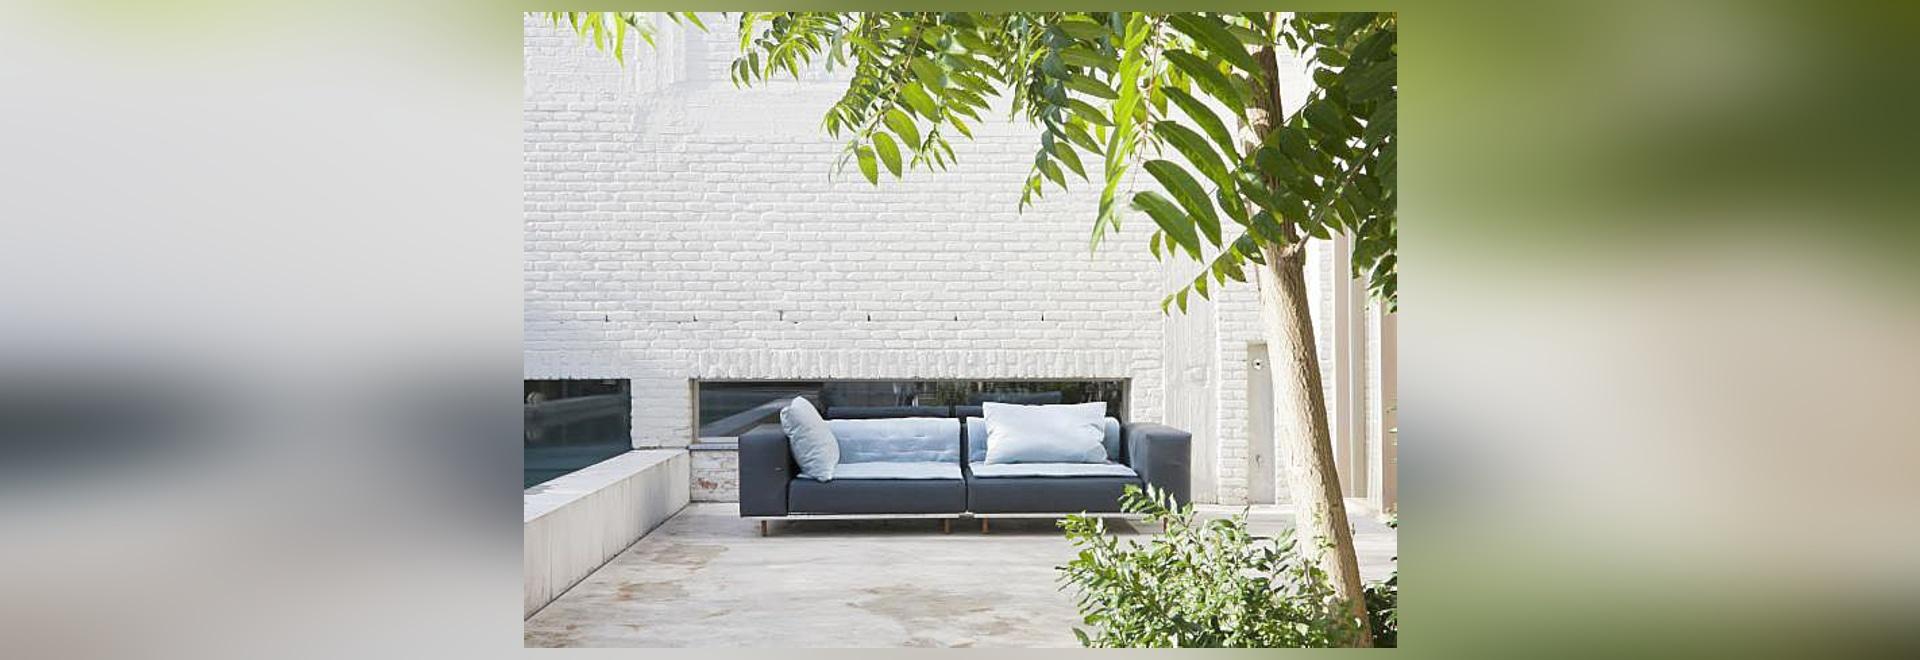 Le sofa de morse par Dirk Wynants